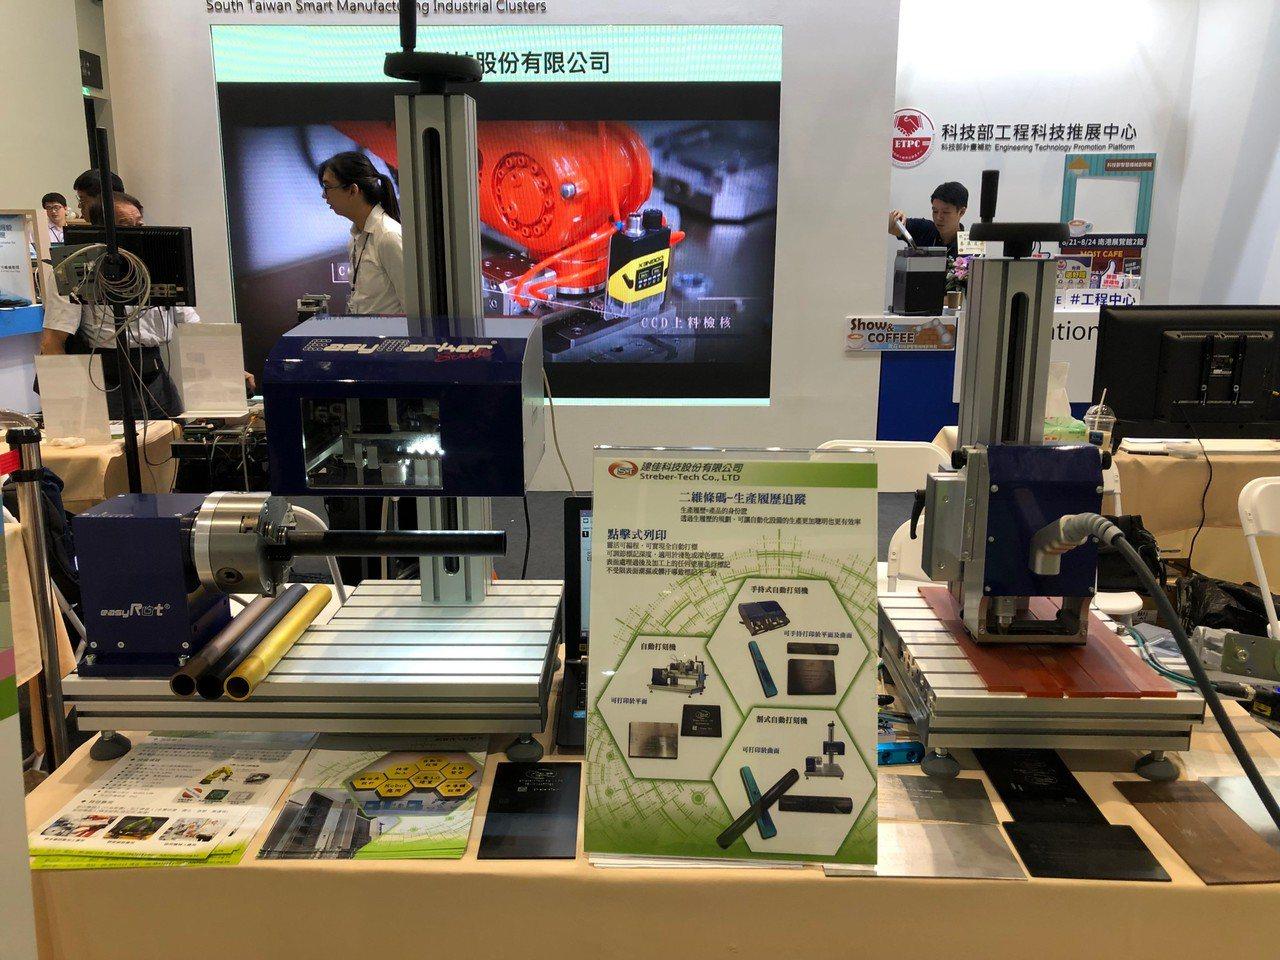 台灣機器人與智慧自動化展,建佳展示公司研發的智能工廠解決方案,展現自動化設備發展...